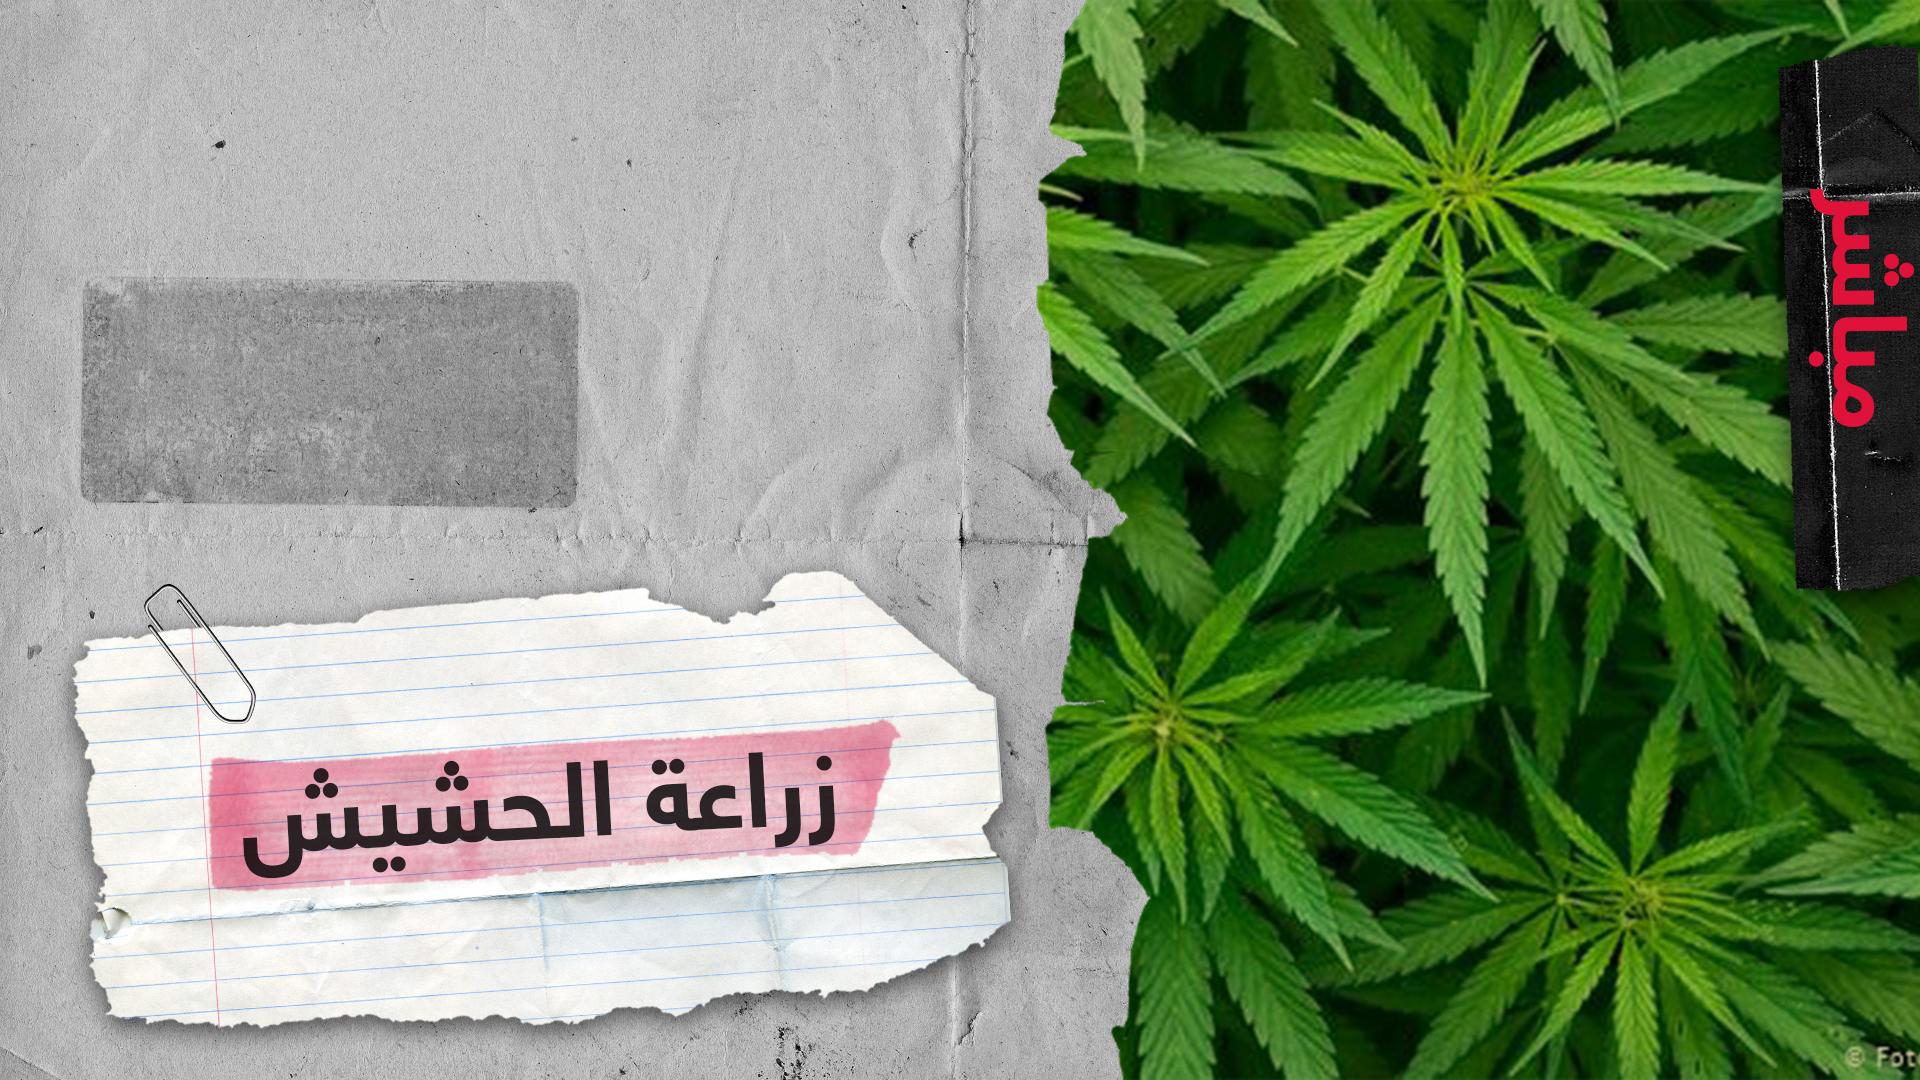 زراعة الحشيش في المغرب  شفشاون بين السياحة والقنب